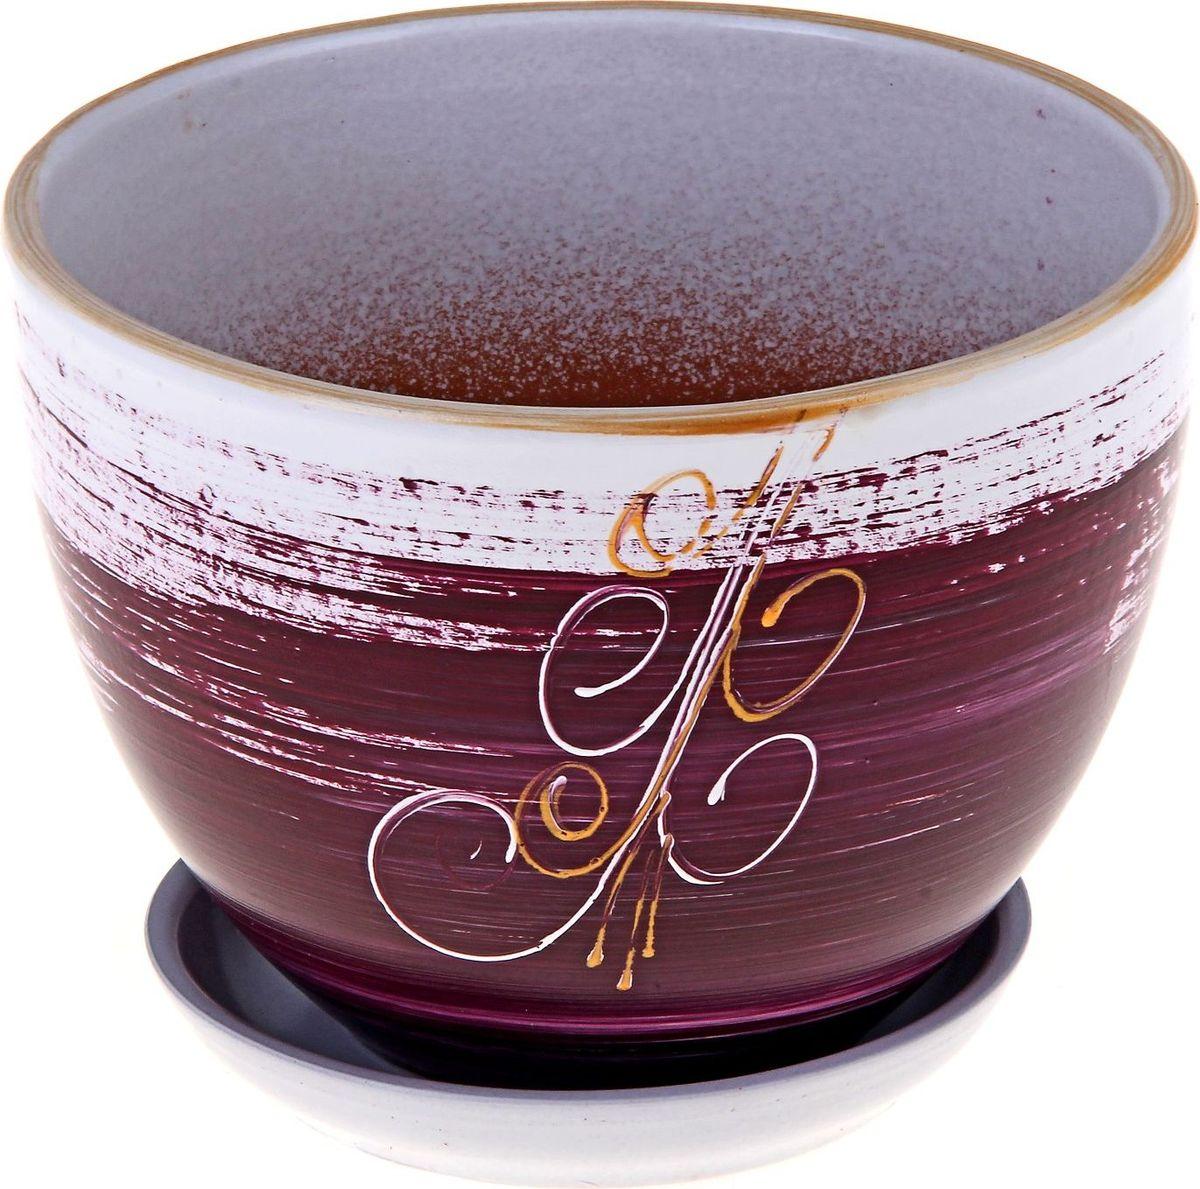 """Декоративное кашпо """"Вьюнок"""", выполненное из высококачественной керамики, предназначено для посадки декоративных растений и станет прекрасным украшением для дома. Благодаря своему дизайну впишется в любой интерьер помещения."""